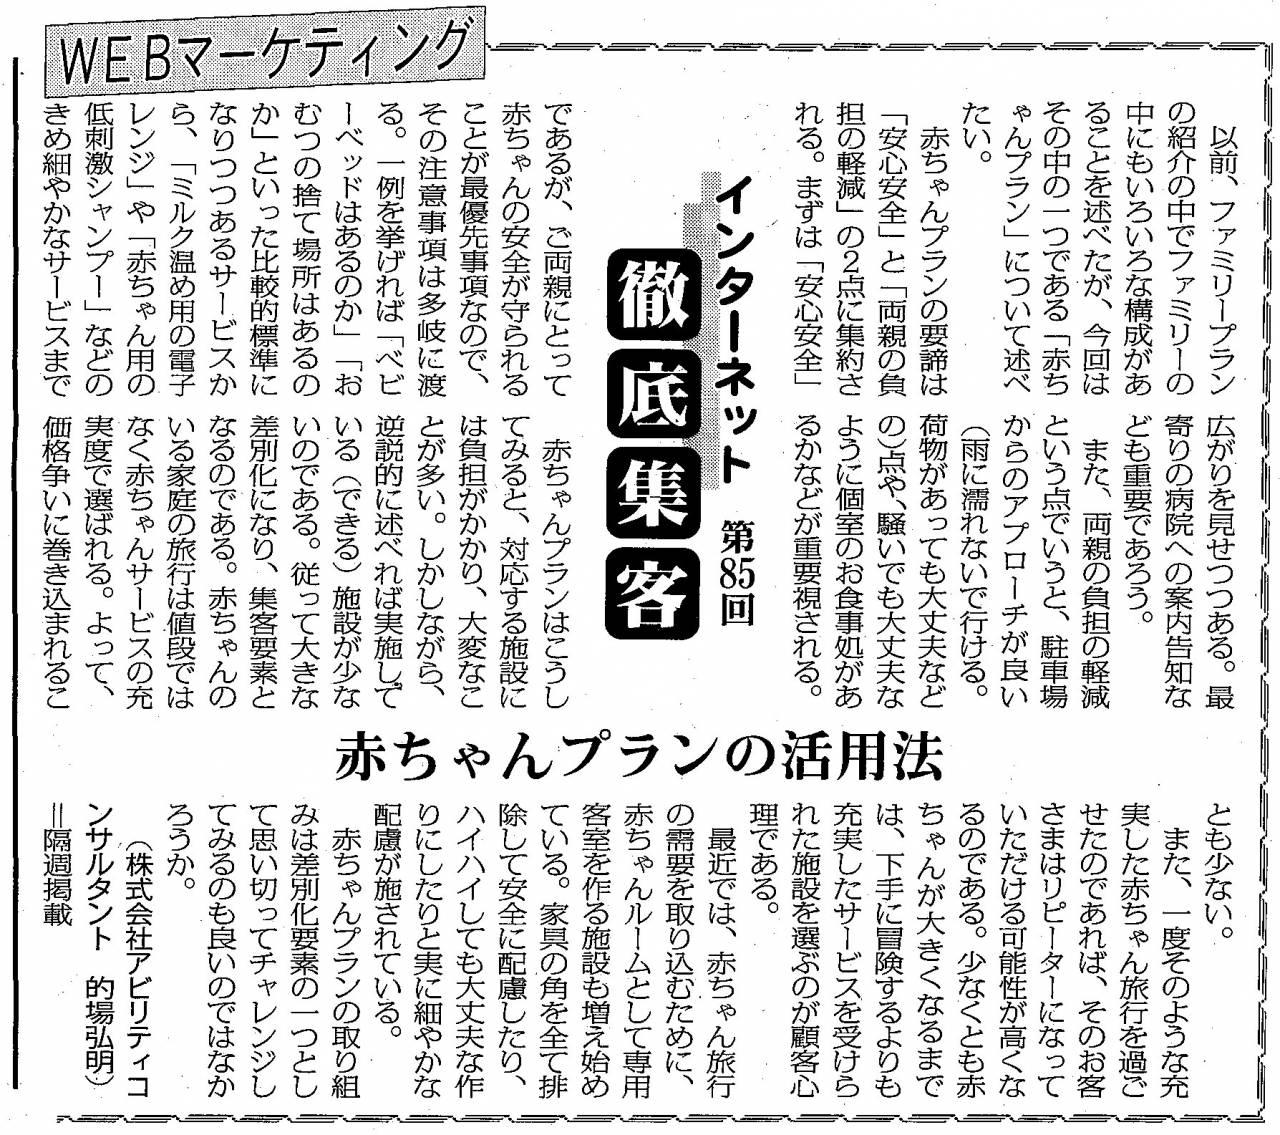 【第85回】WEBマーケティング 赤ちゃんプランの活用法